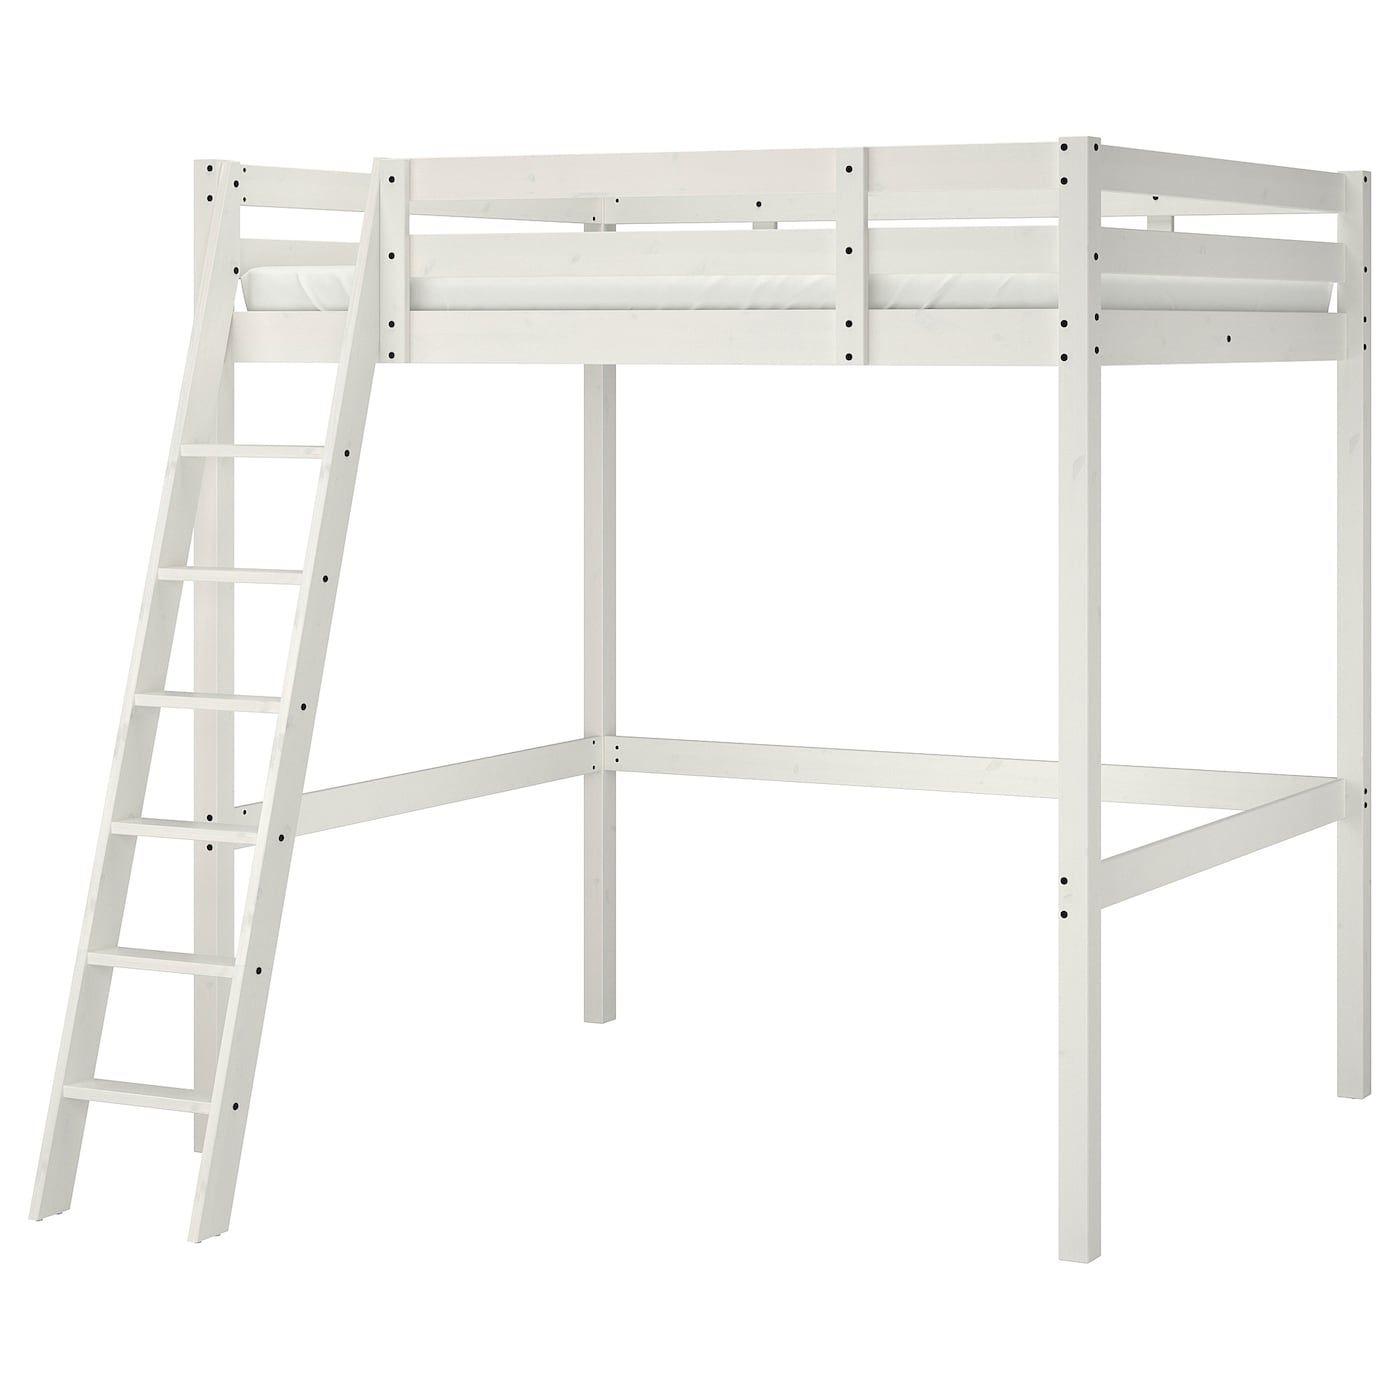 Stora Hochbett Praktisches Raumwunder Fur Das Jugendzimmer Ikea Osterreich Loft Betten Bettgestell Jugendzimmer Ikea